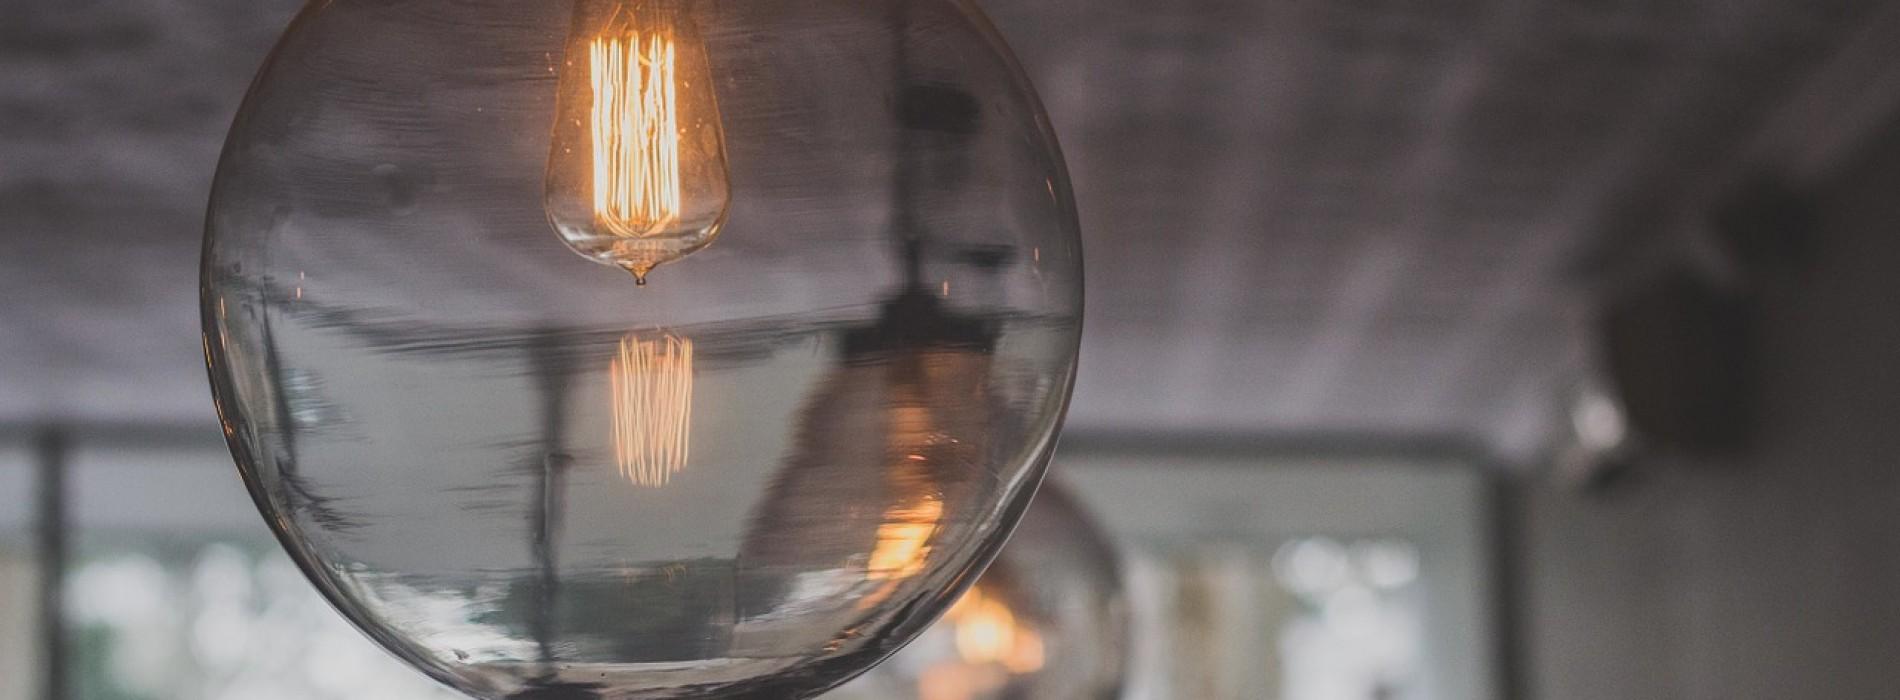 Światło we wnętrzu – jak zgrać jasny dzień z doświetlaną nocą?